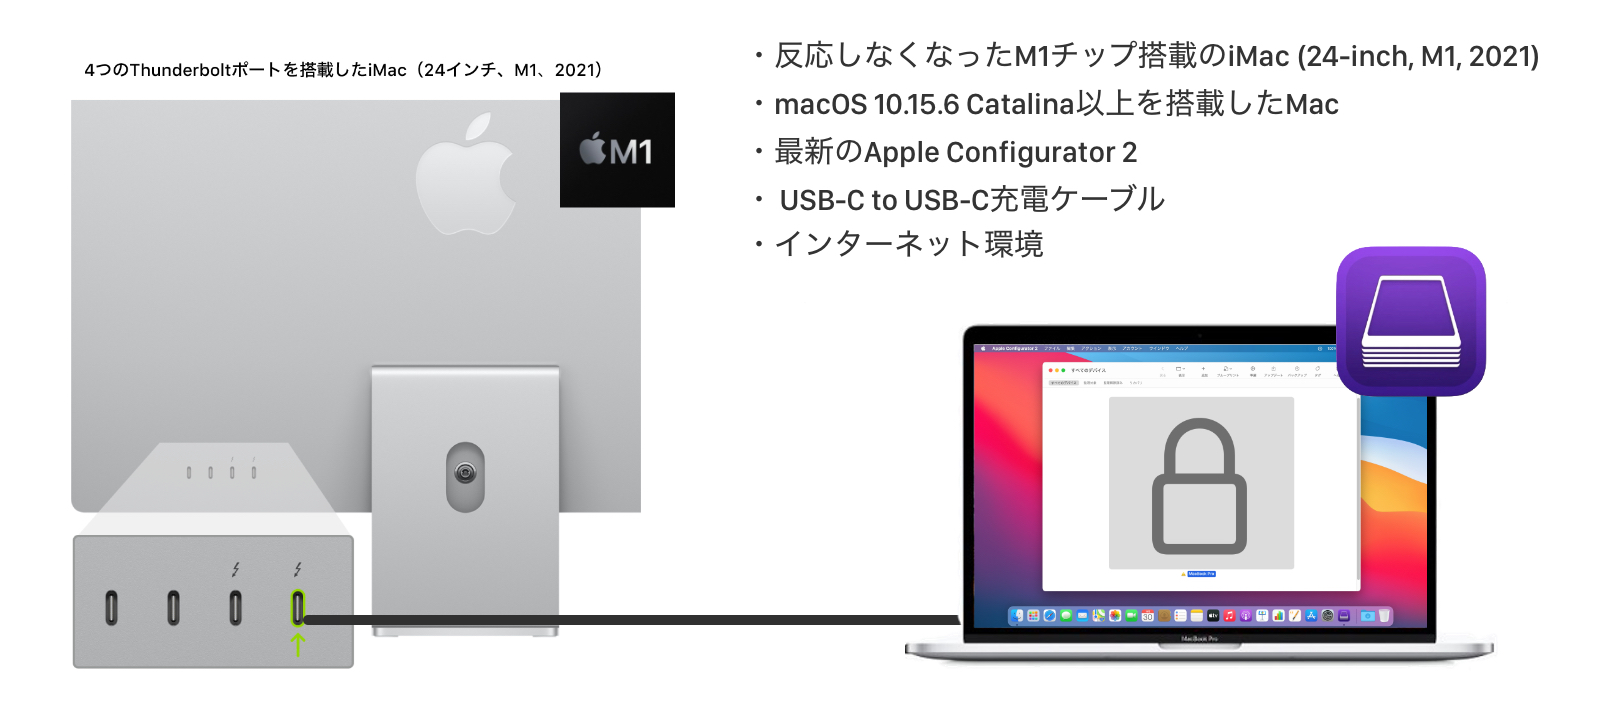 iMac (24-inch, M1, 2021)の復元方法